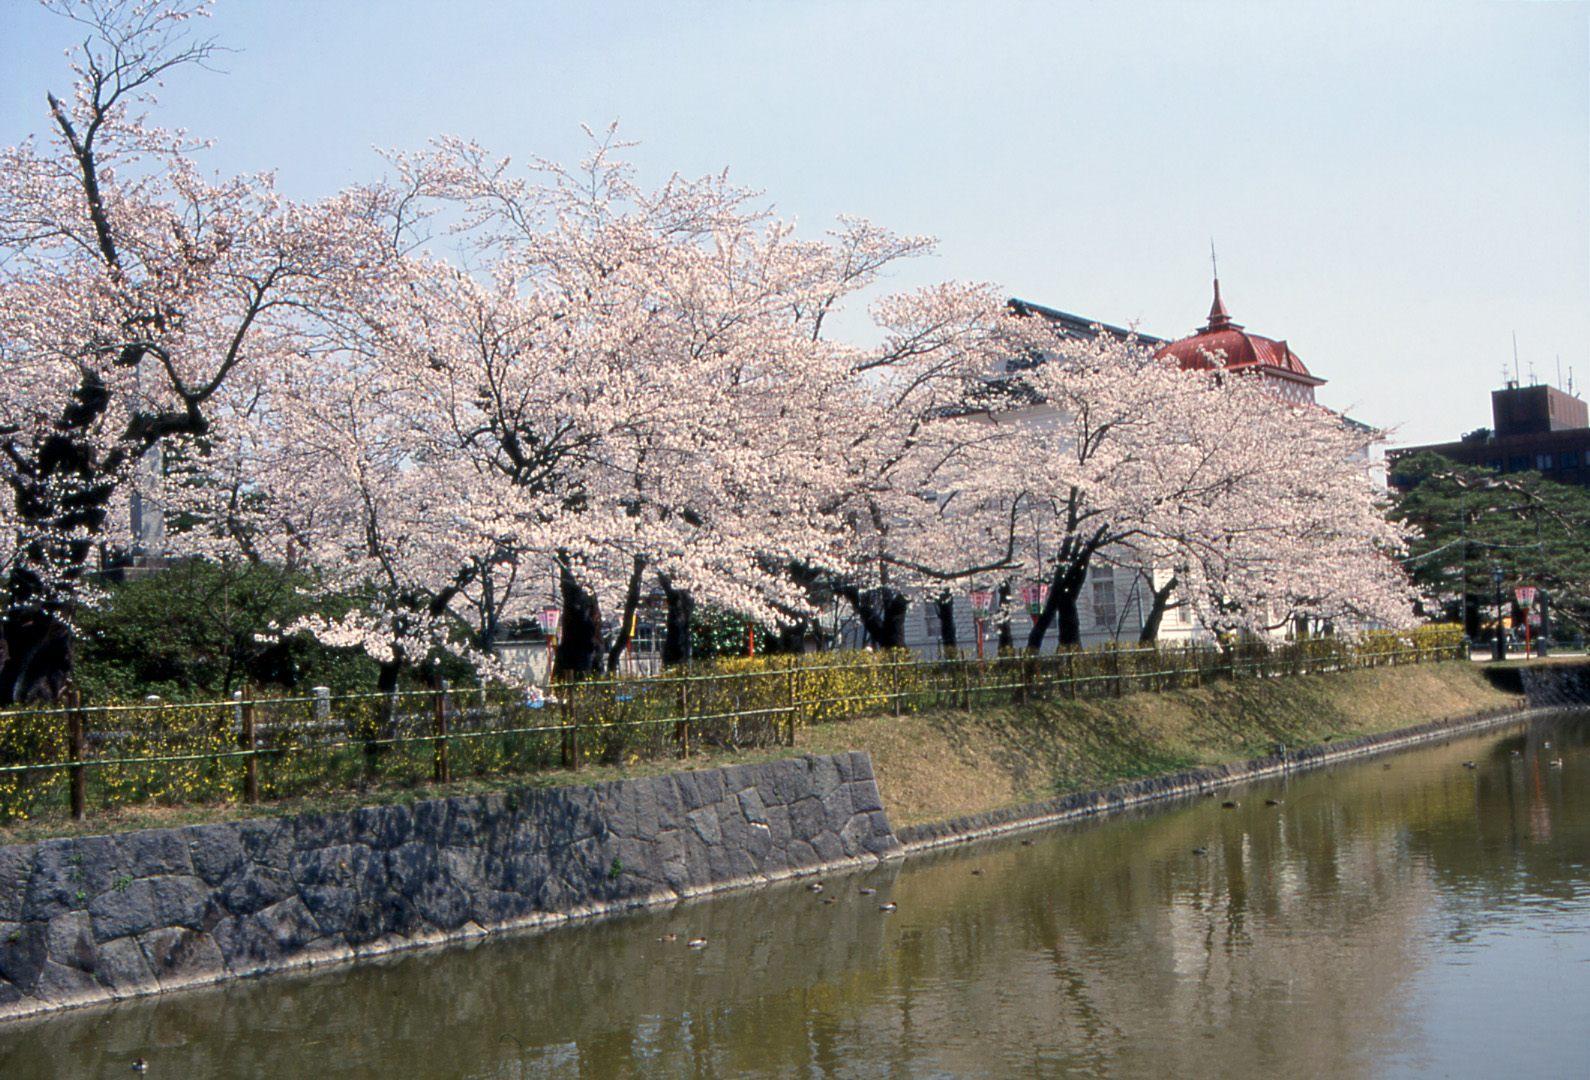 山形赏樱:鹤冈公园